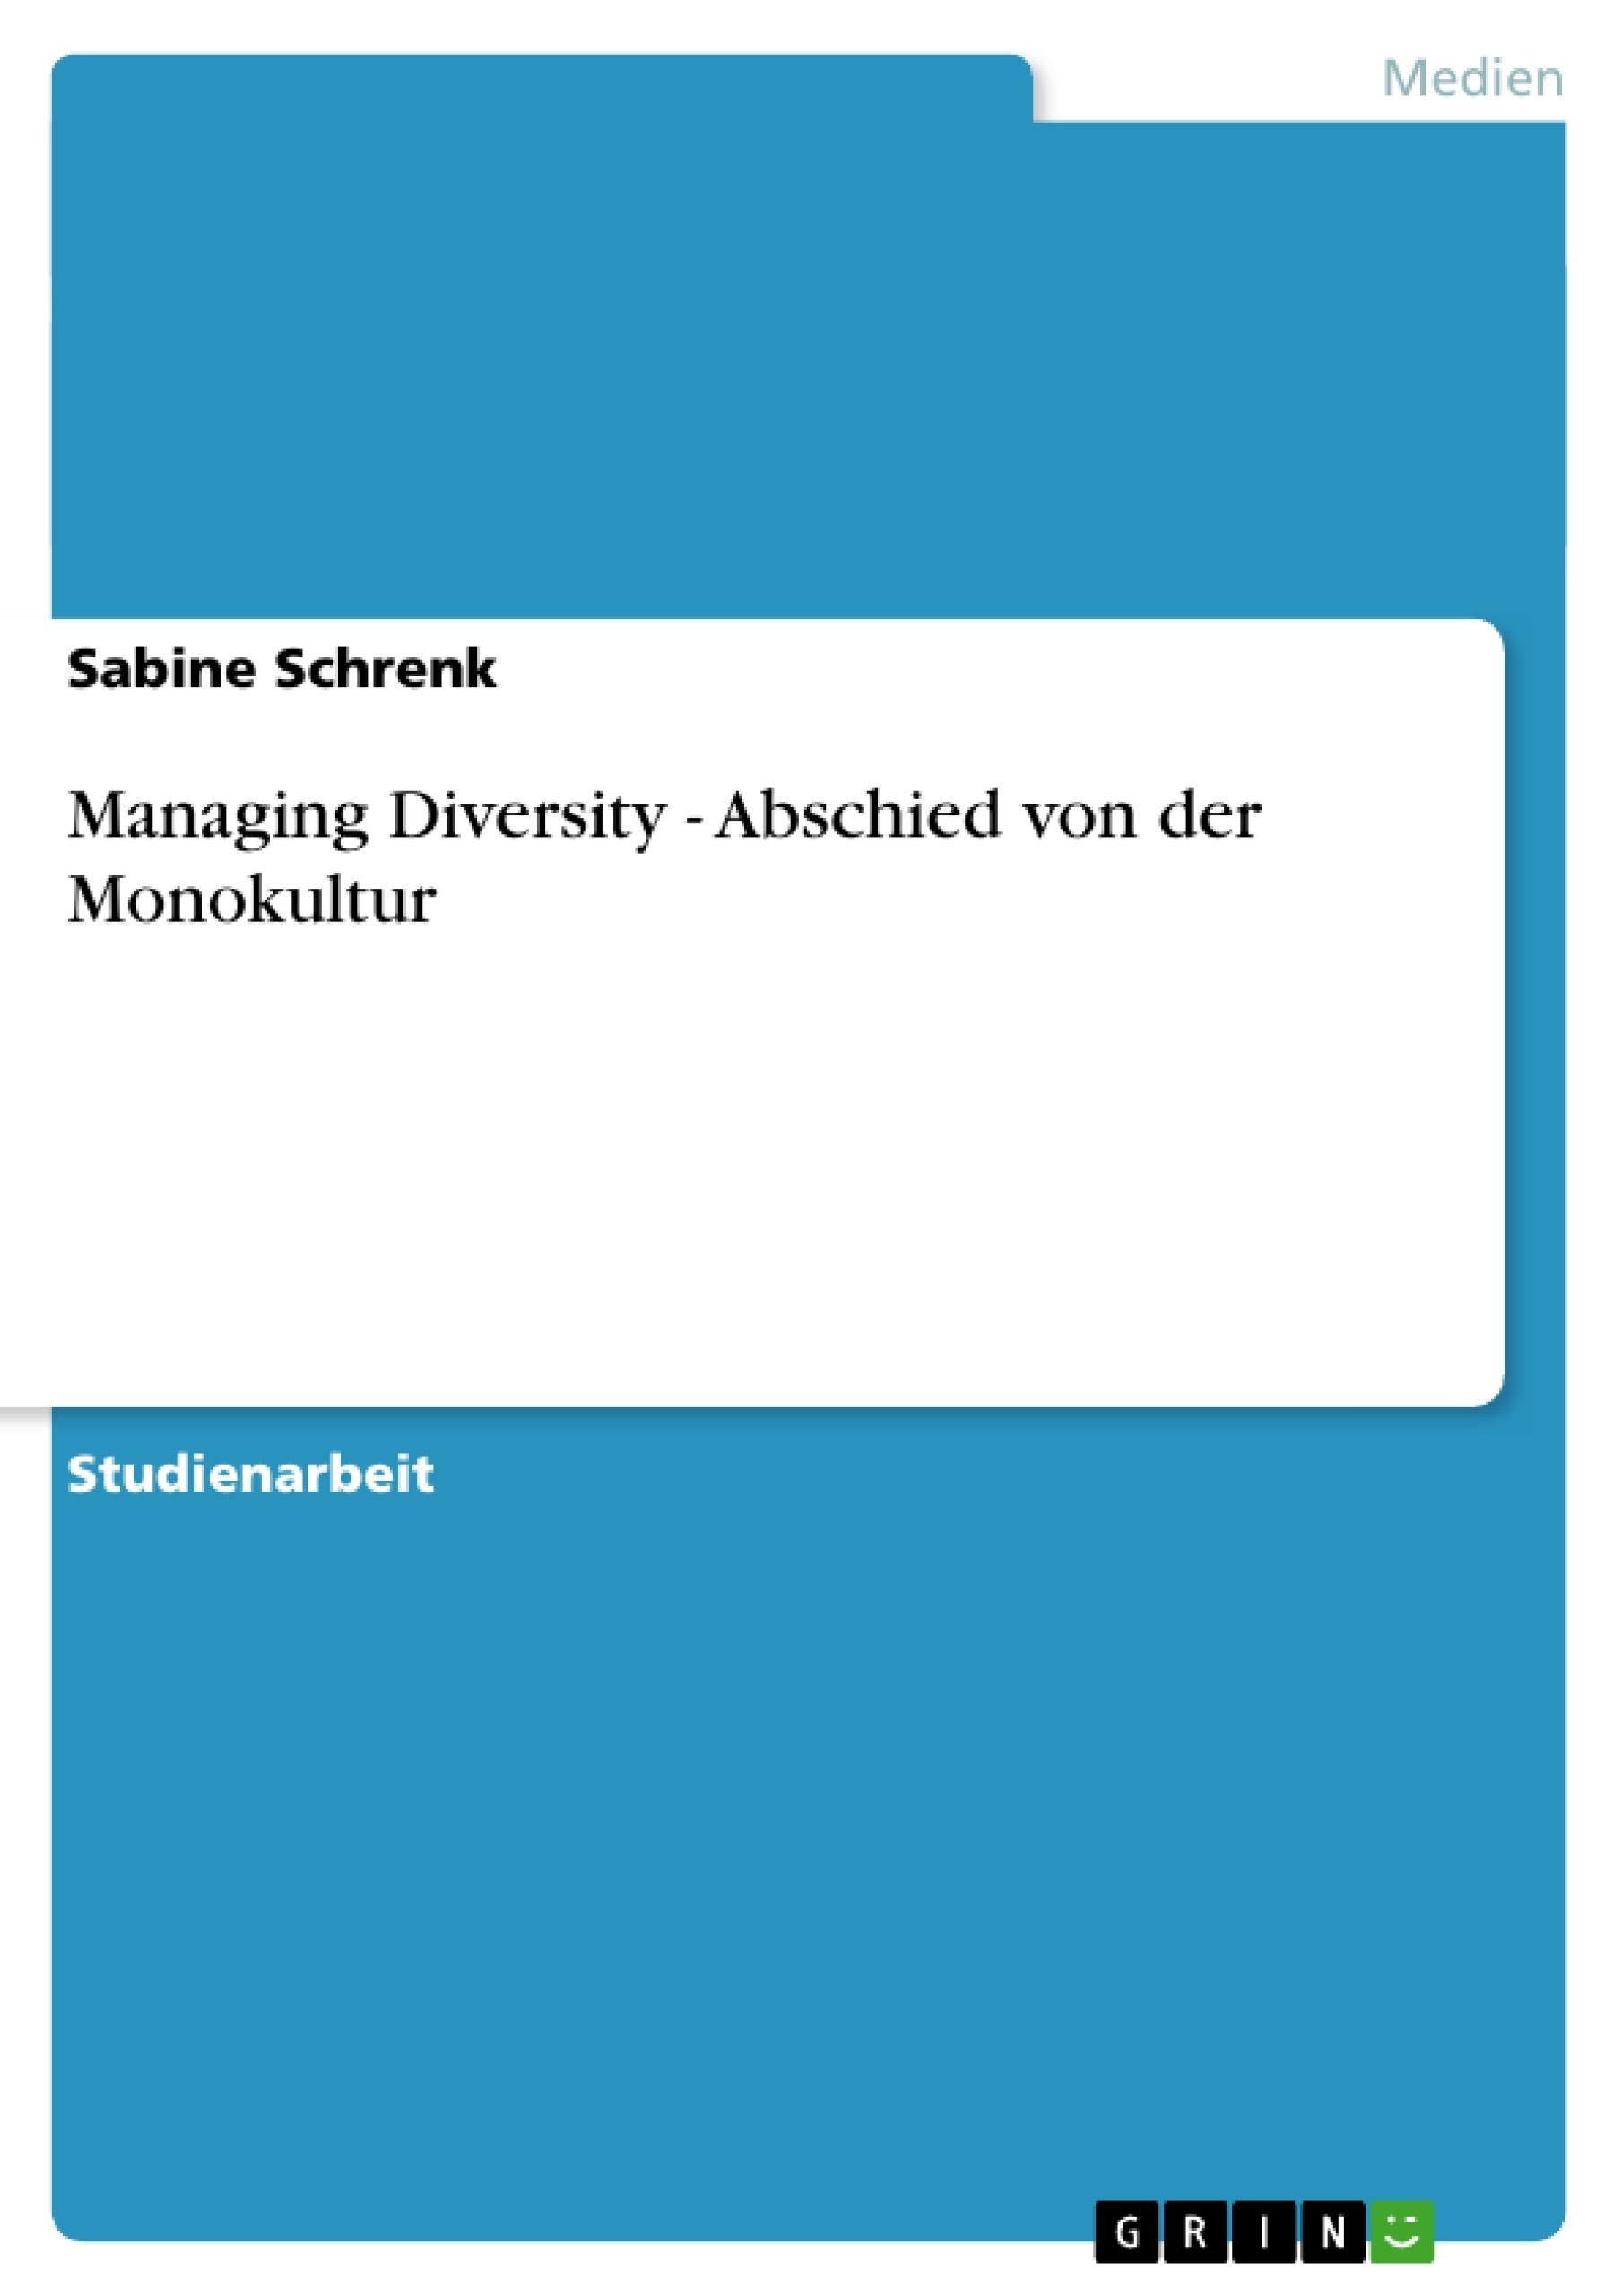 Titel: Managing Diversity - Abschied von der Monokultur